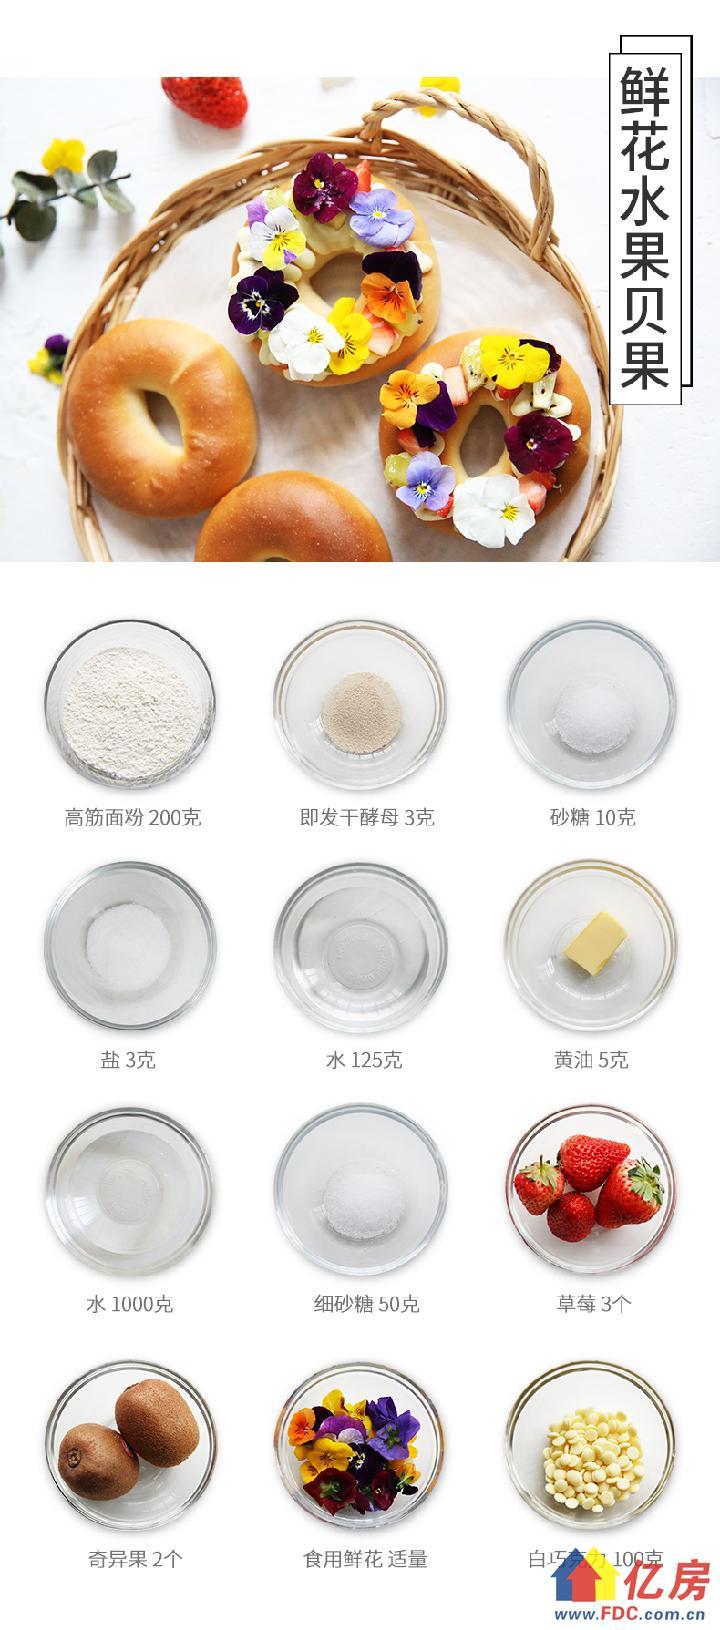 鲜花水果贝果.jpg